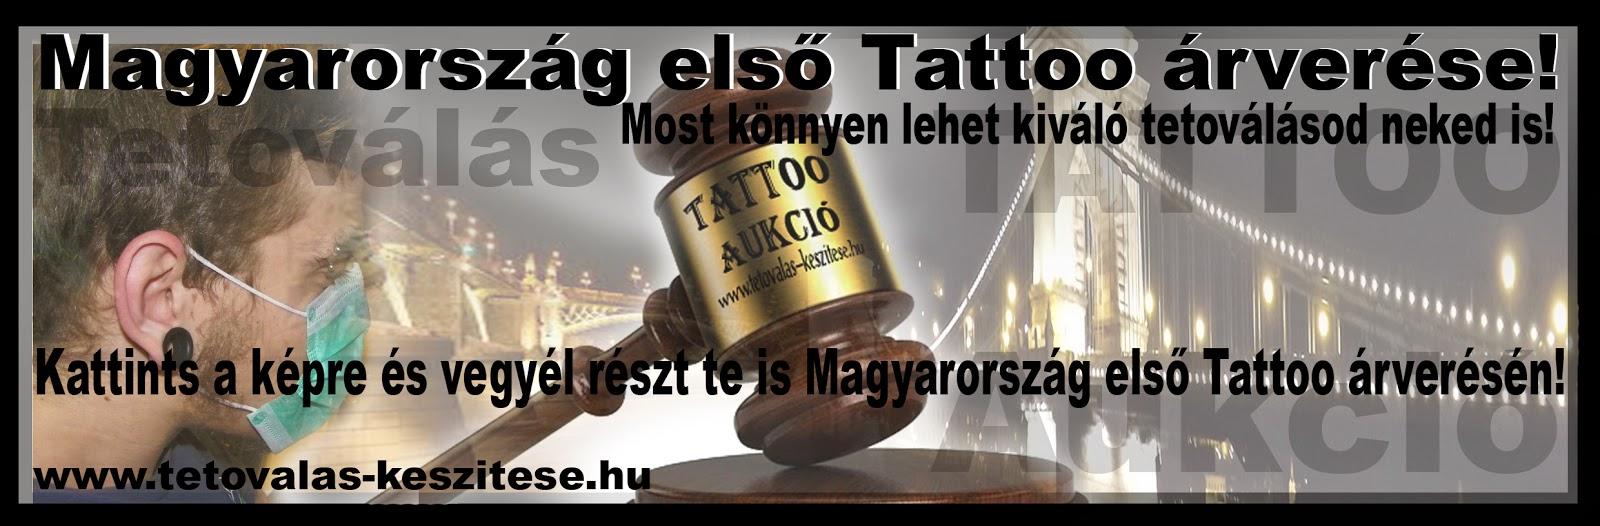 Tetoválás árverés